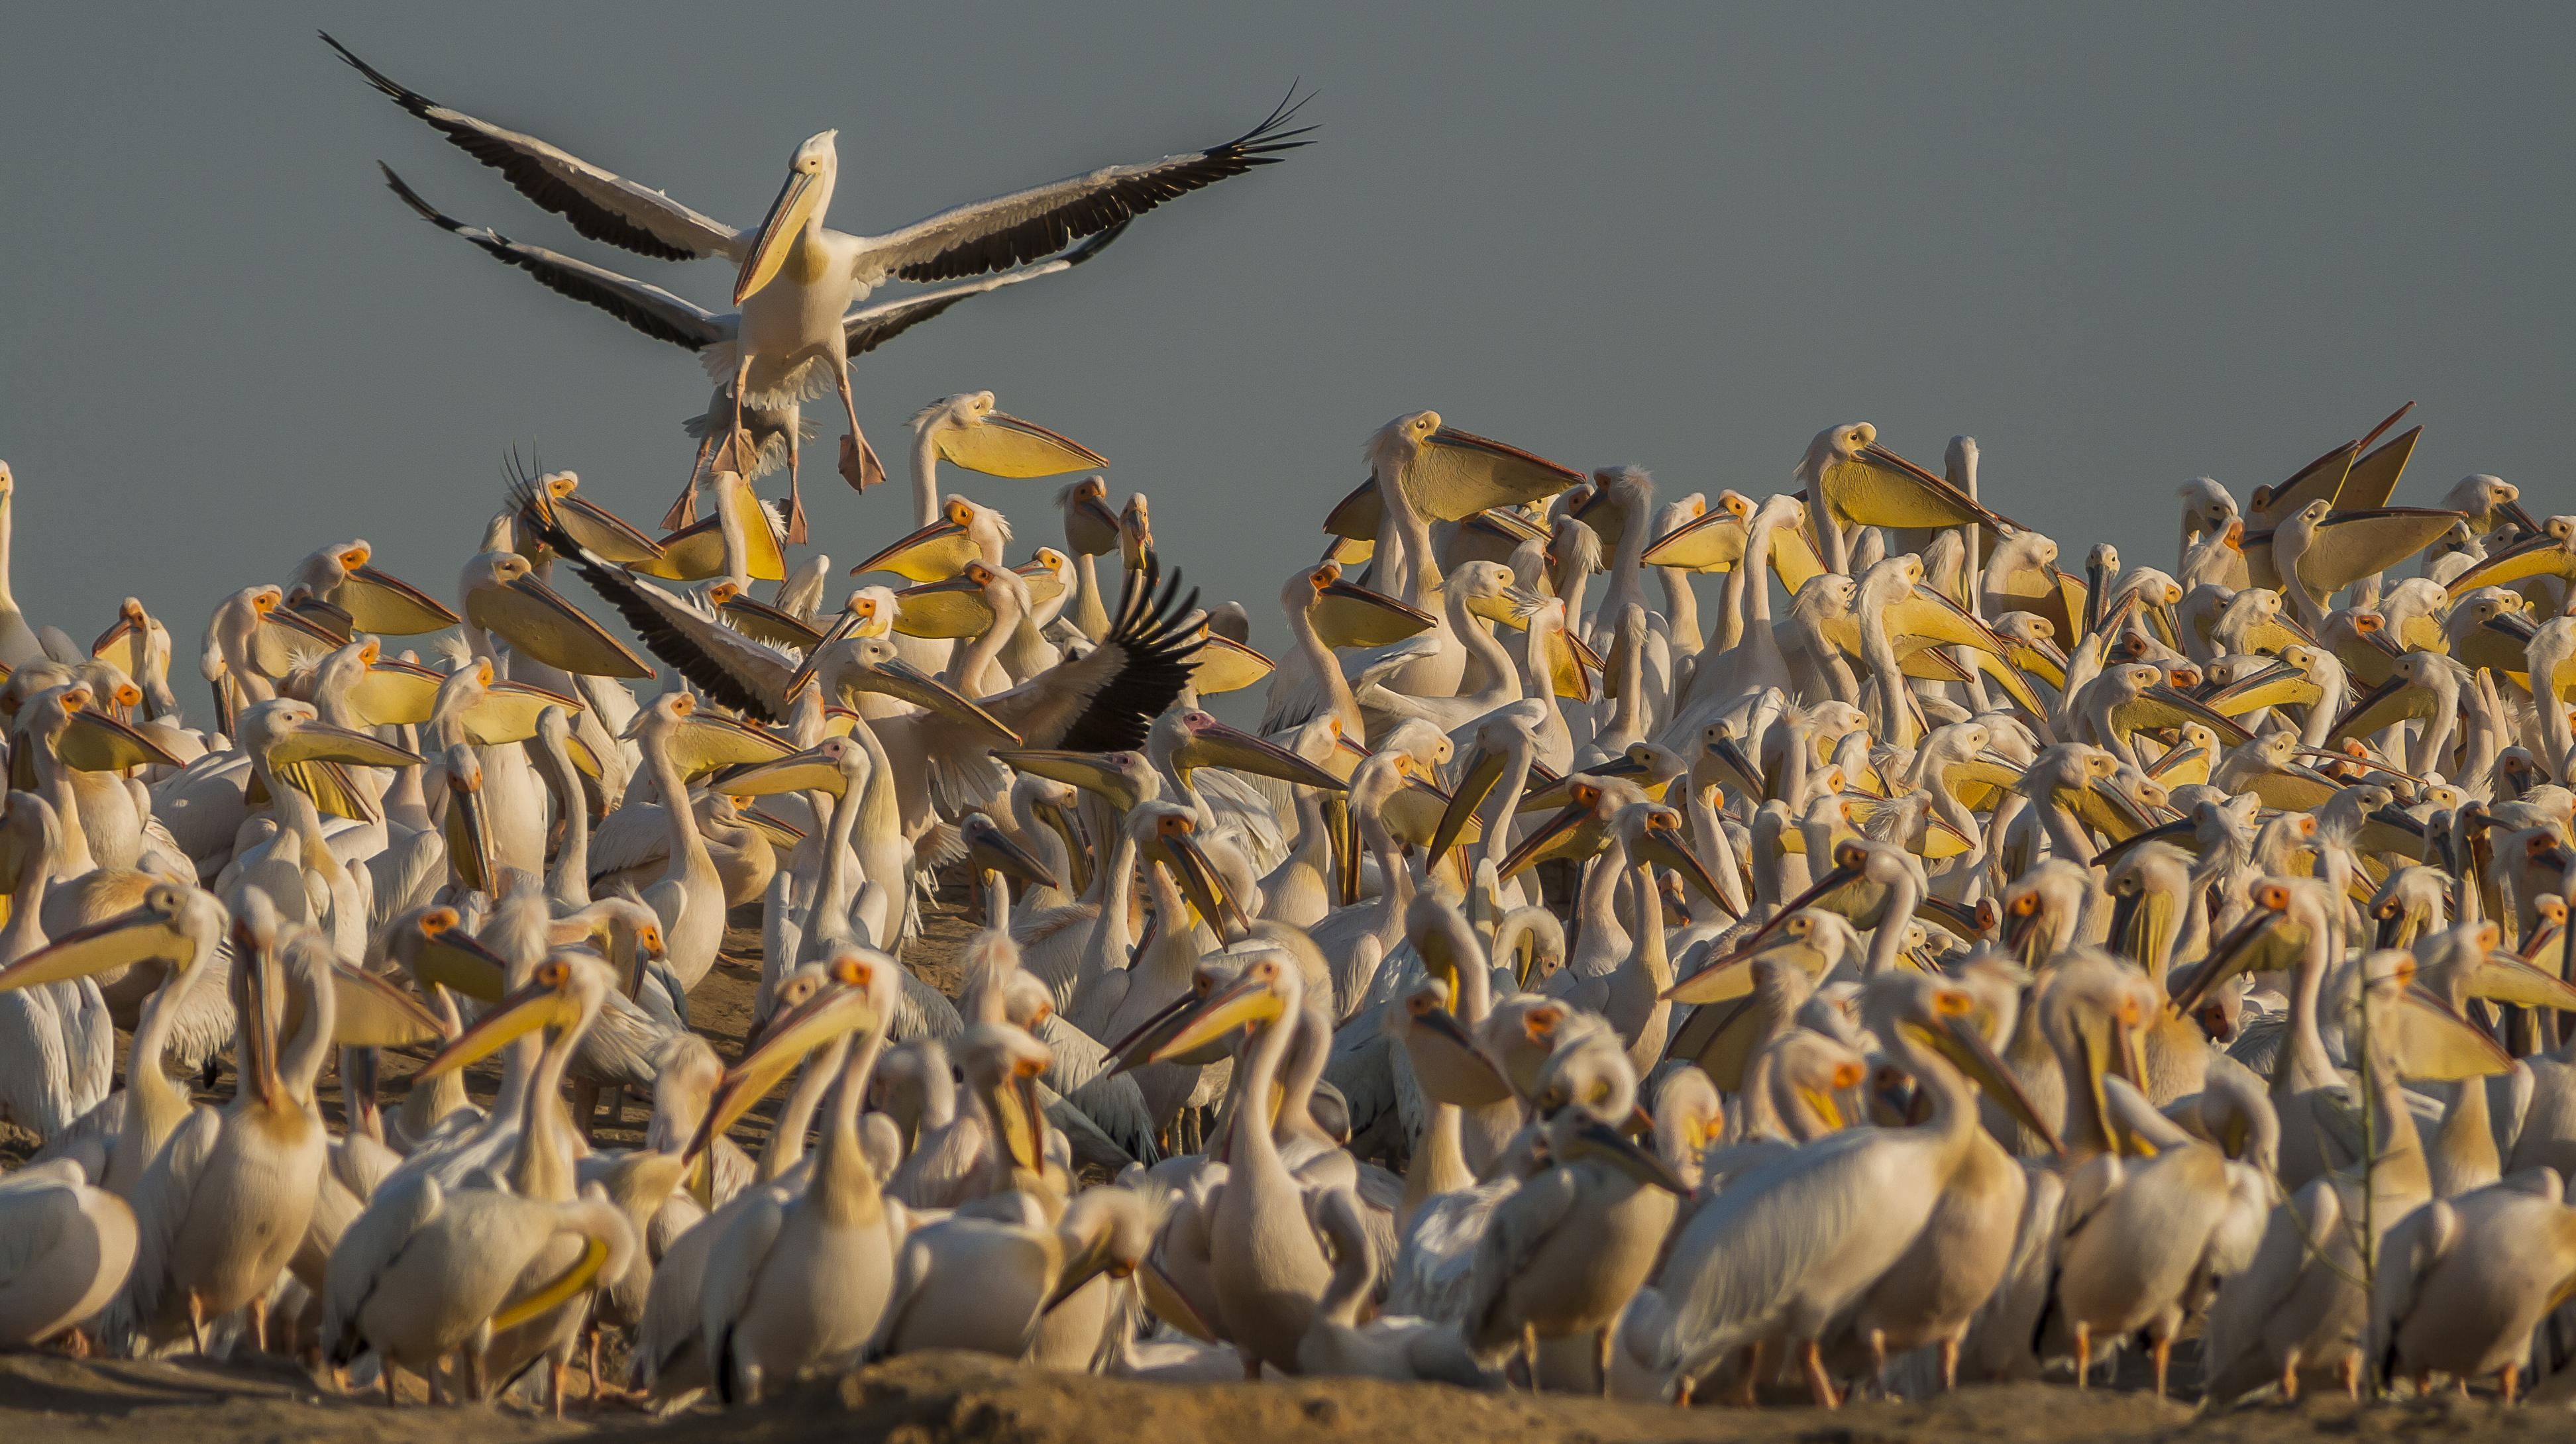 © Sergey Dereliev, www.dereliev-photography.com